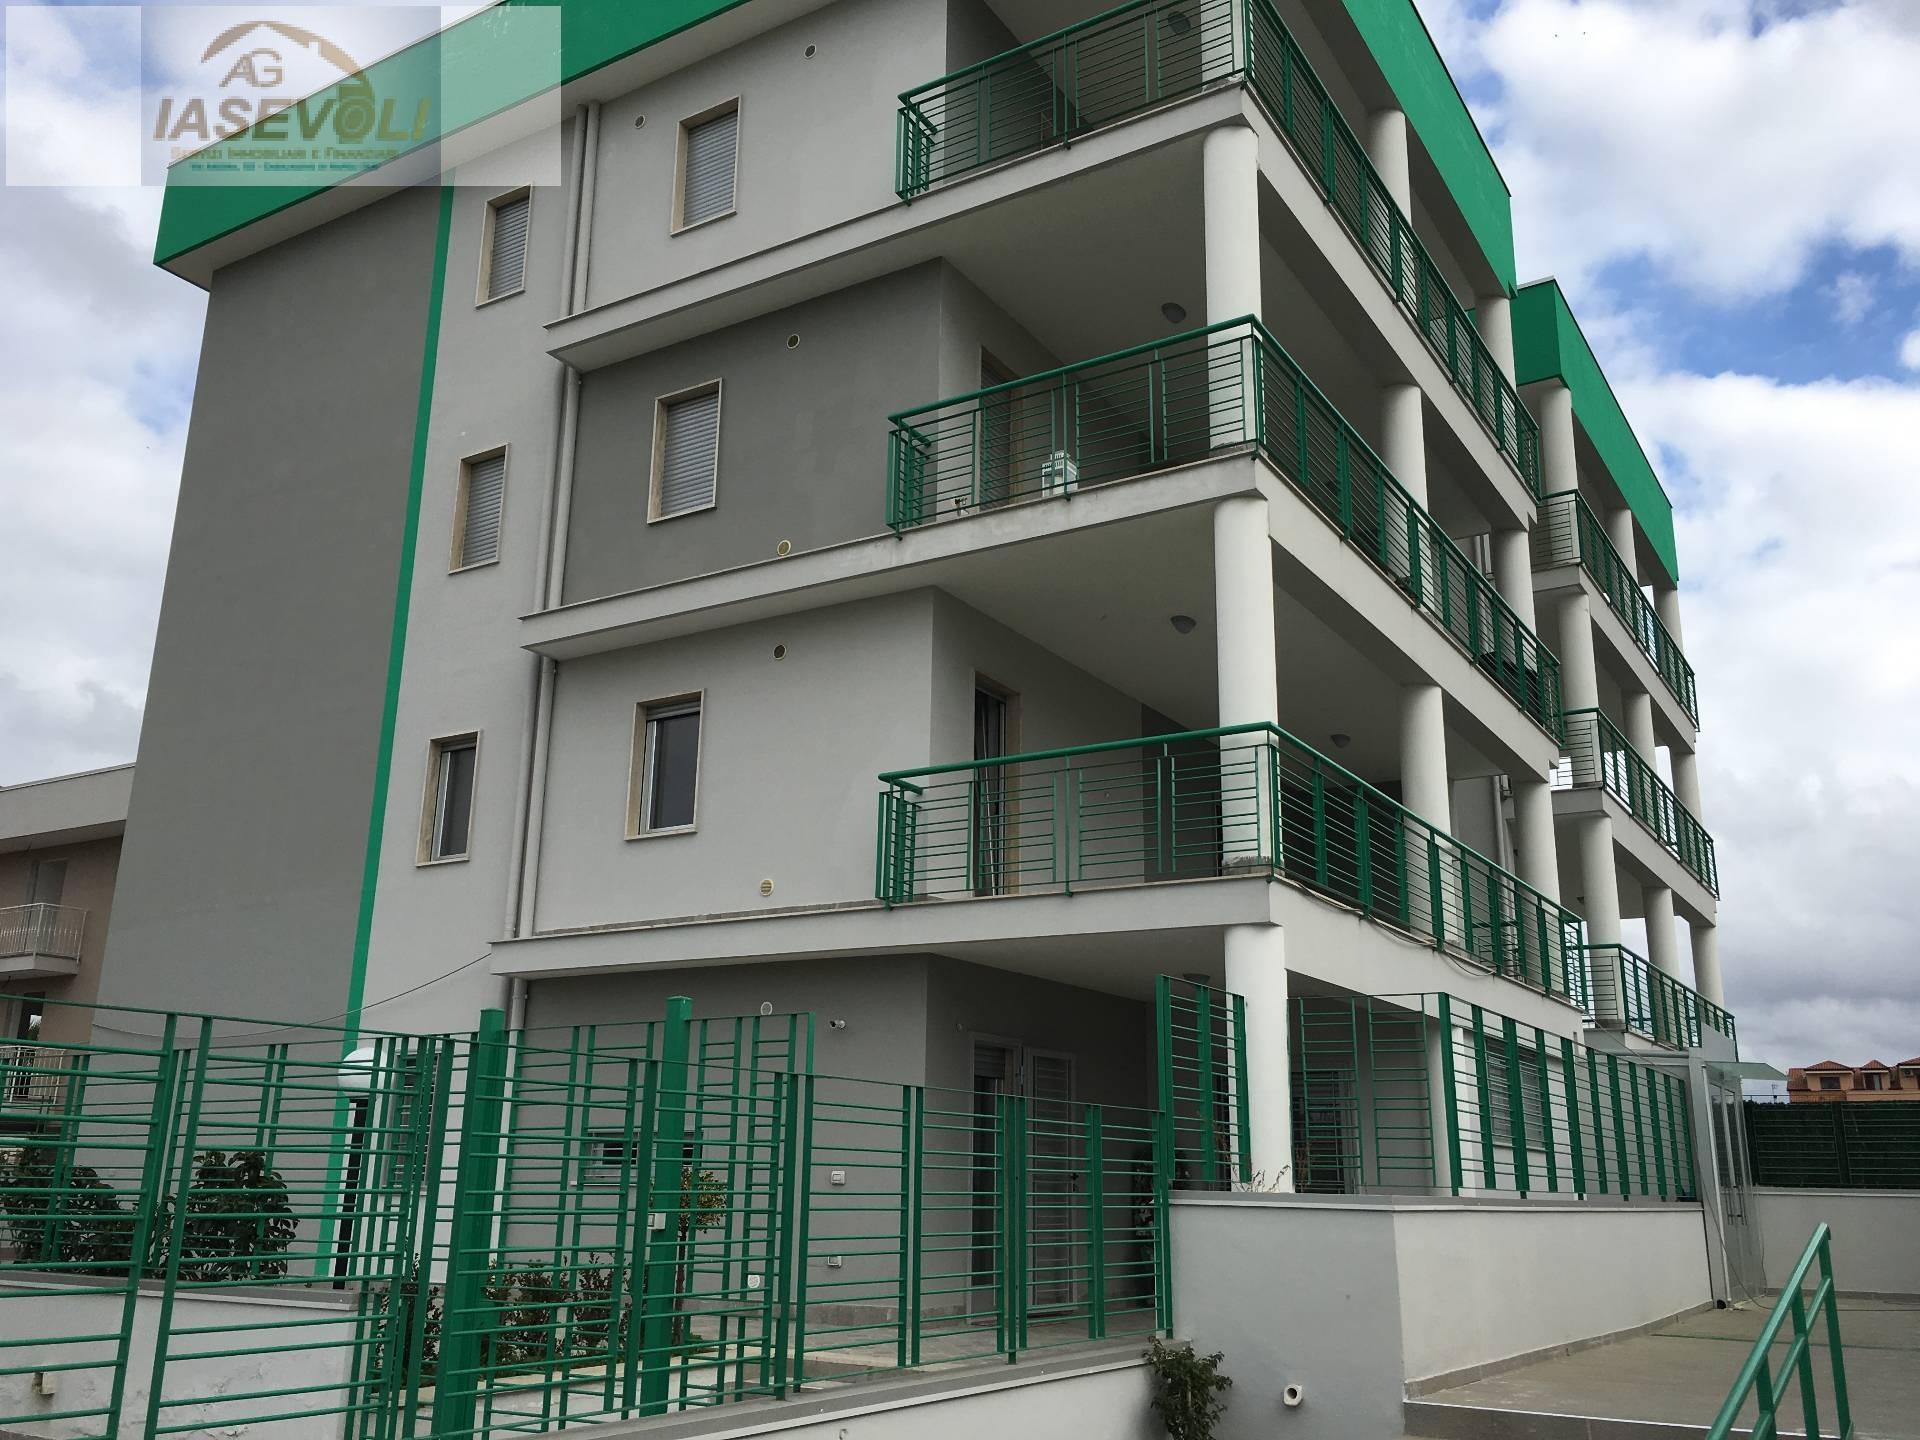 Appartamento in vendita a Trentola-Ducenta, 3 locali, prezzo € 149.000 | Cambio Casa.it